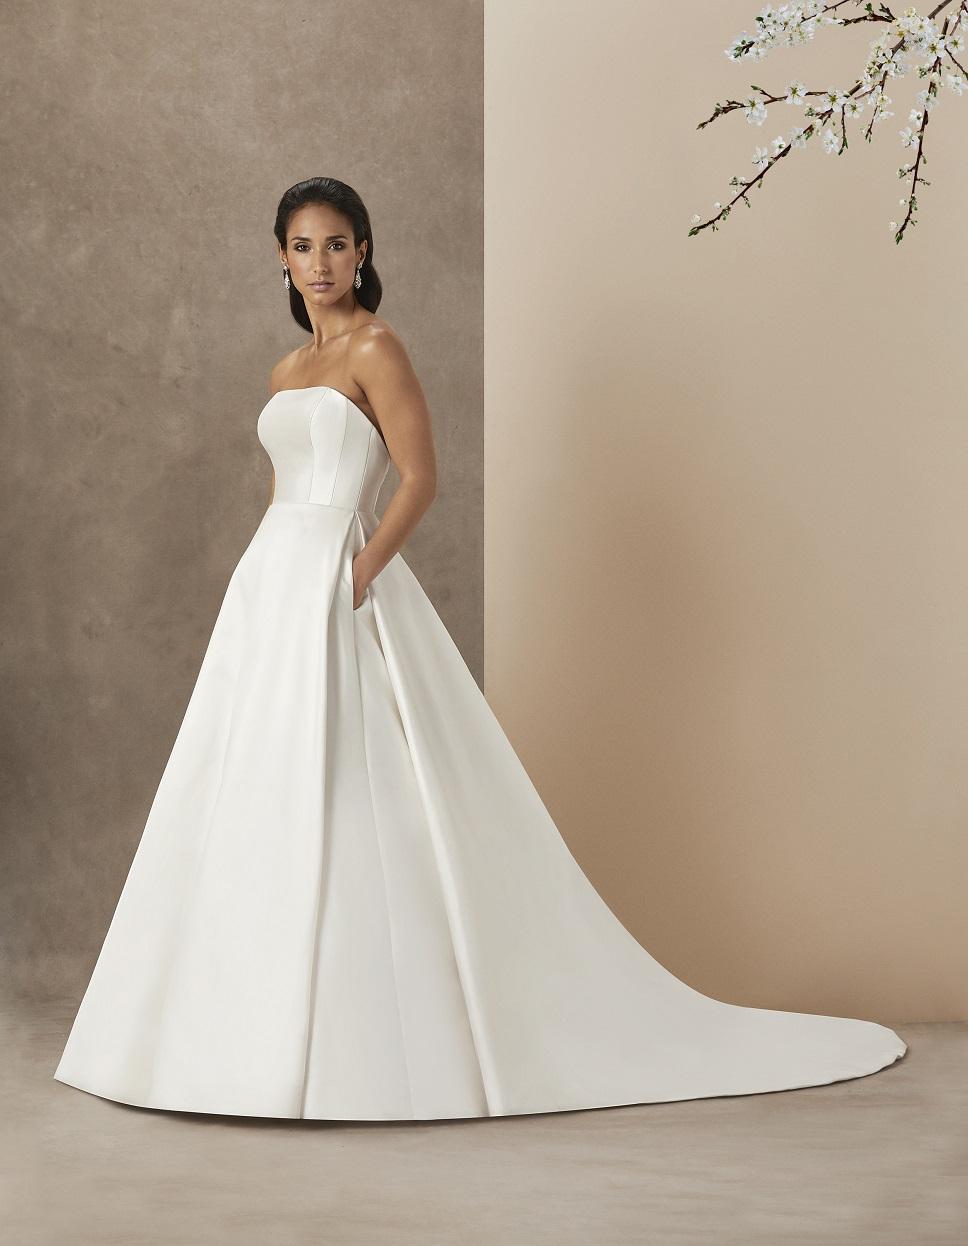 uks leading bridal designer - 736×947